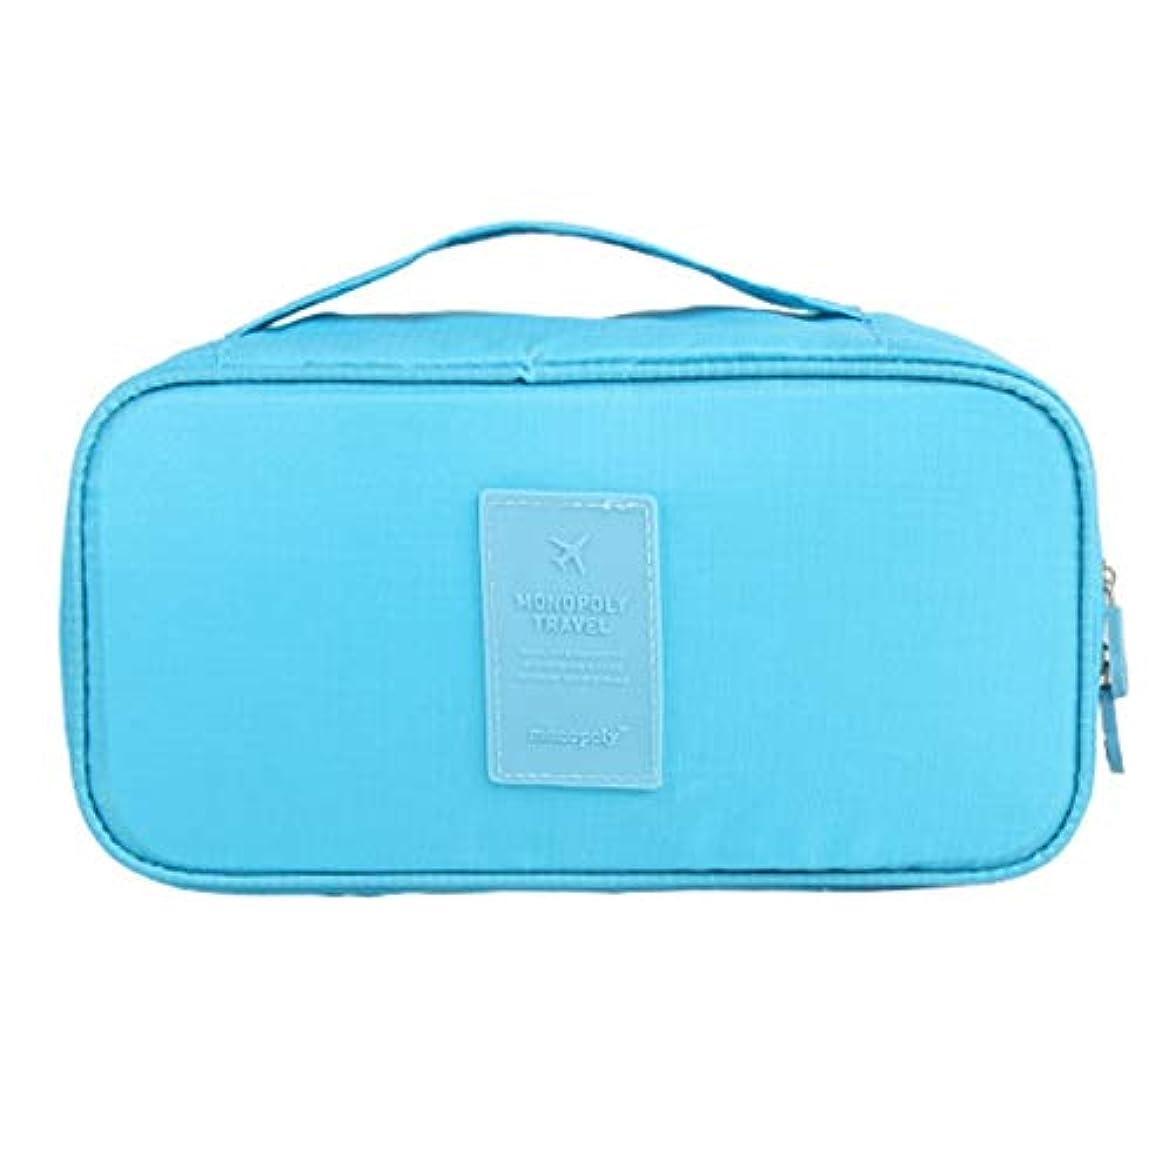 プーノ合理化工業化する化粧オーガナイザーバッグ 旅行用品旅行用シェービングヘアバッグ 化粧品ケース (色 : 青)